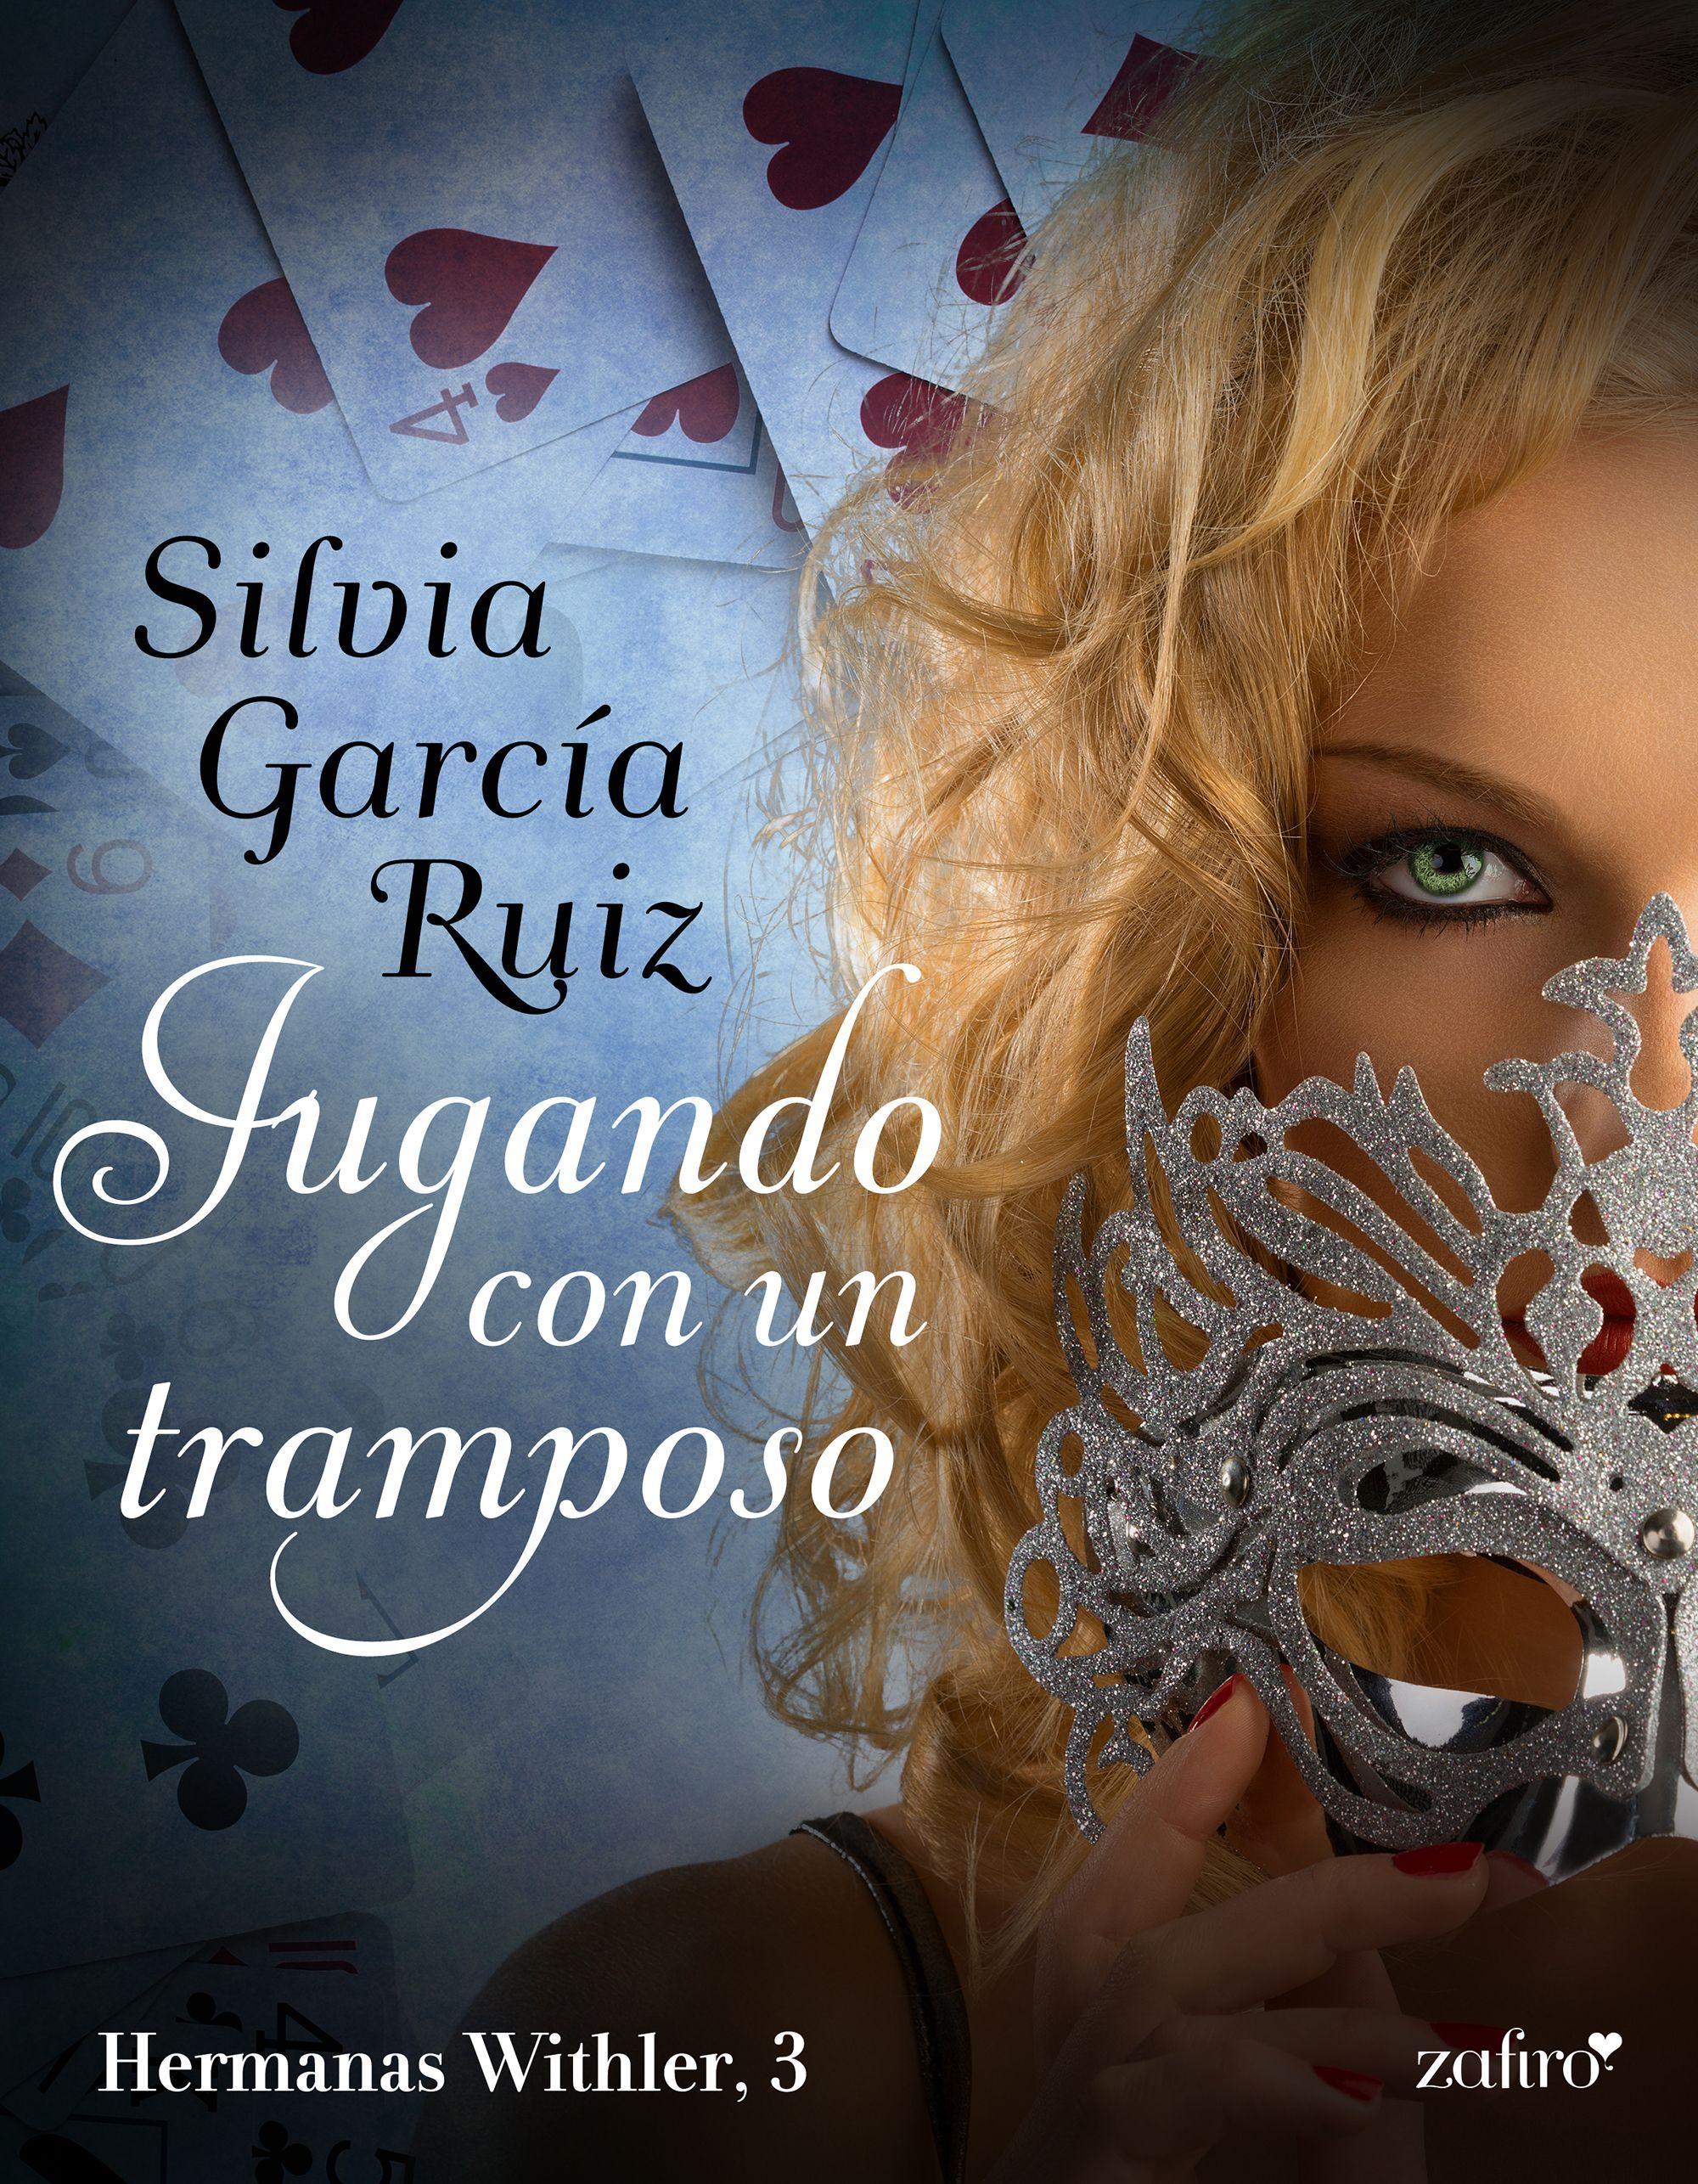 jugando.con un tramposo de Silvia García Ruiz